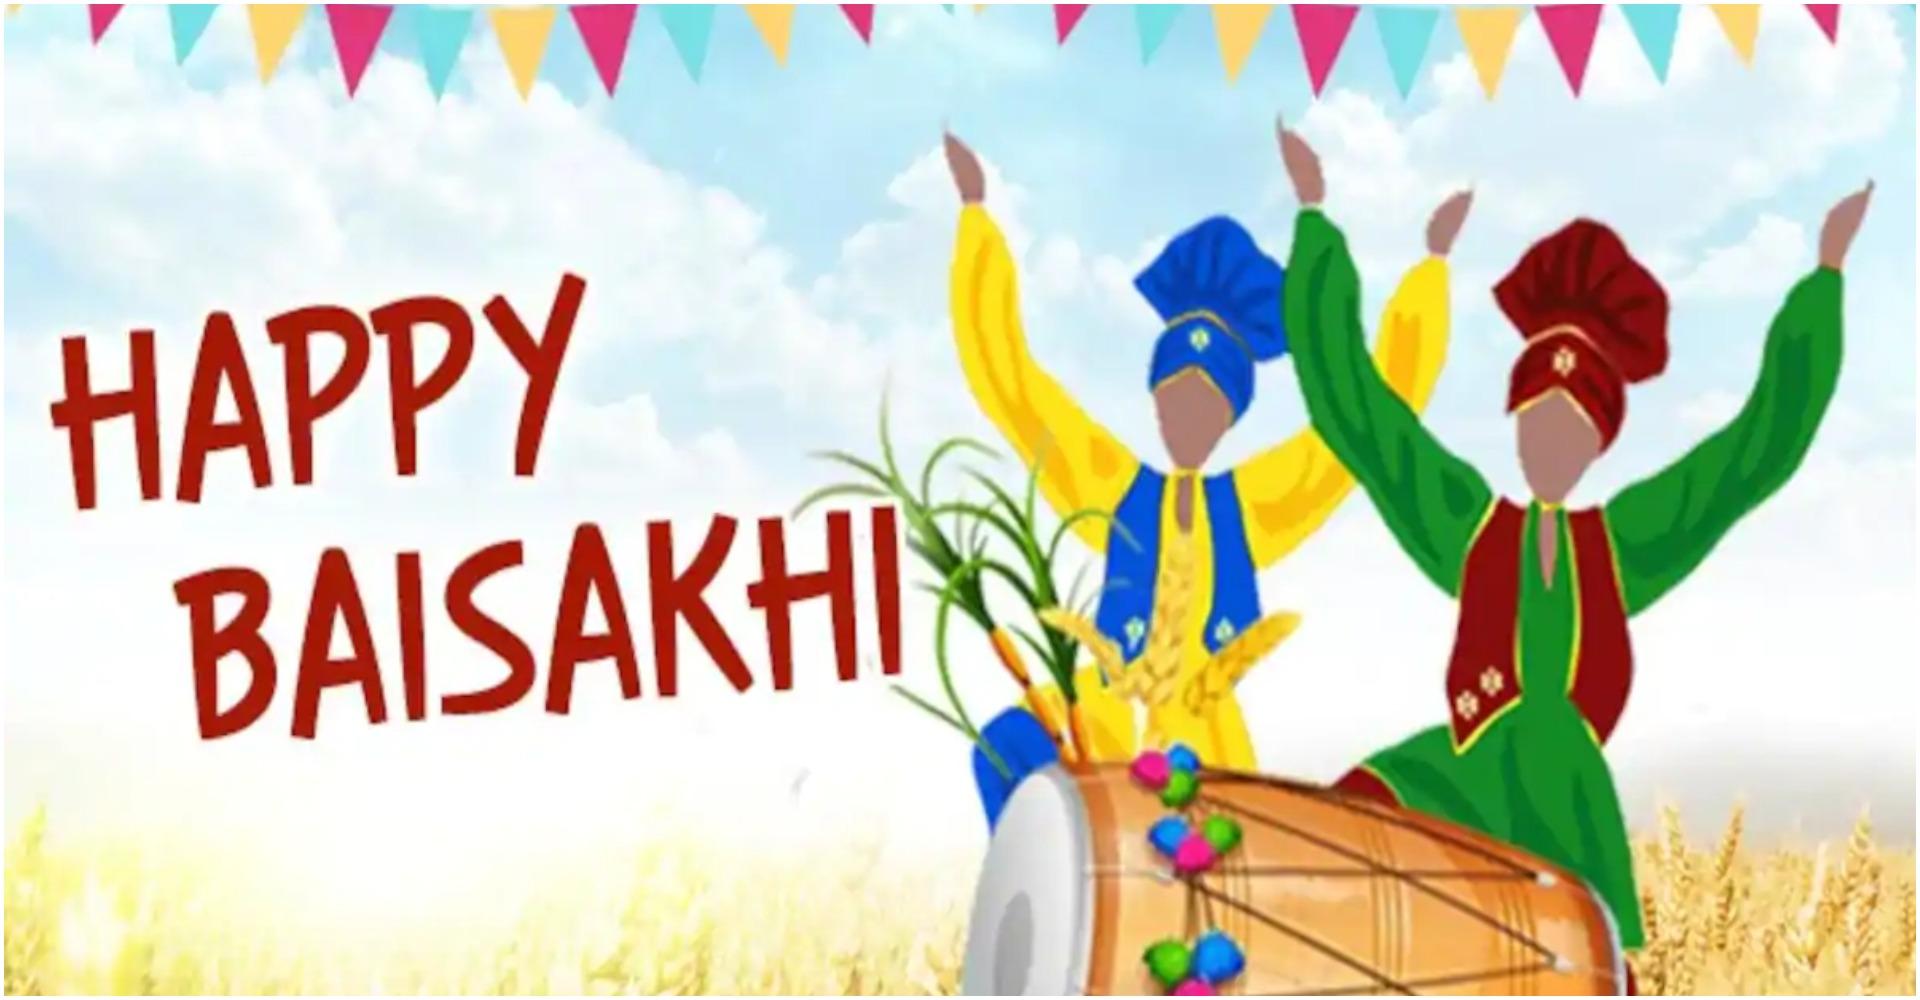 Happy Baisakhi 2020 Wishes: इन खूबसूरत मैसेज और इमेज के जरिए अपने दोस्तों को दीजिए बैसाखी की शुभकामनाएं